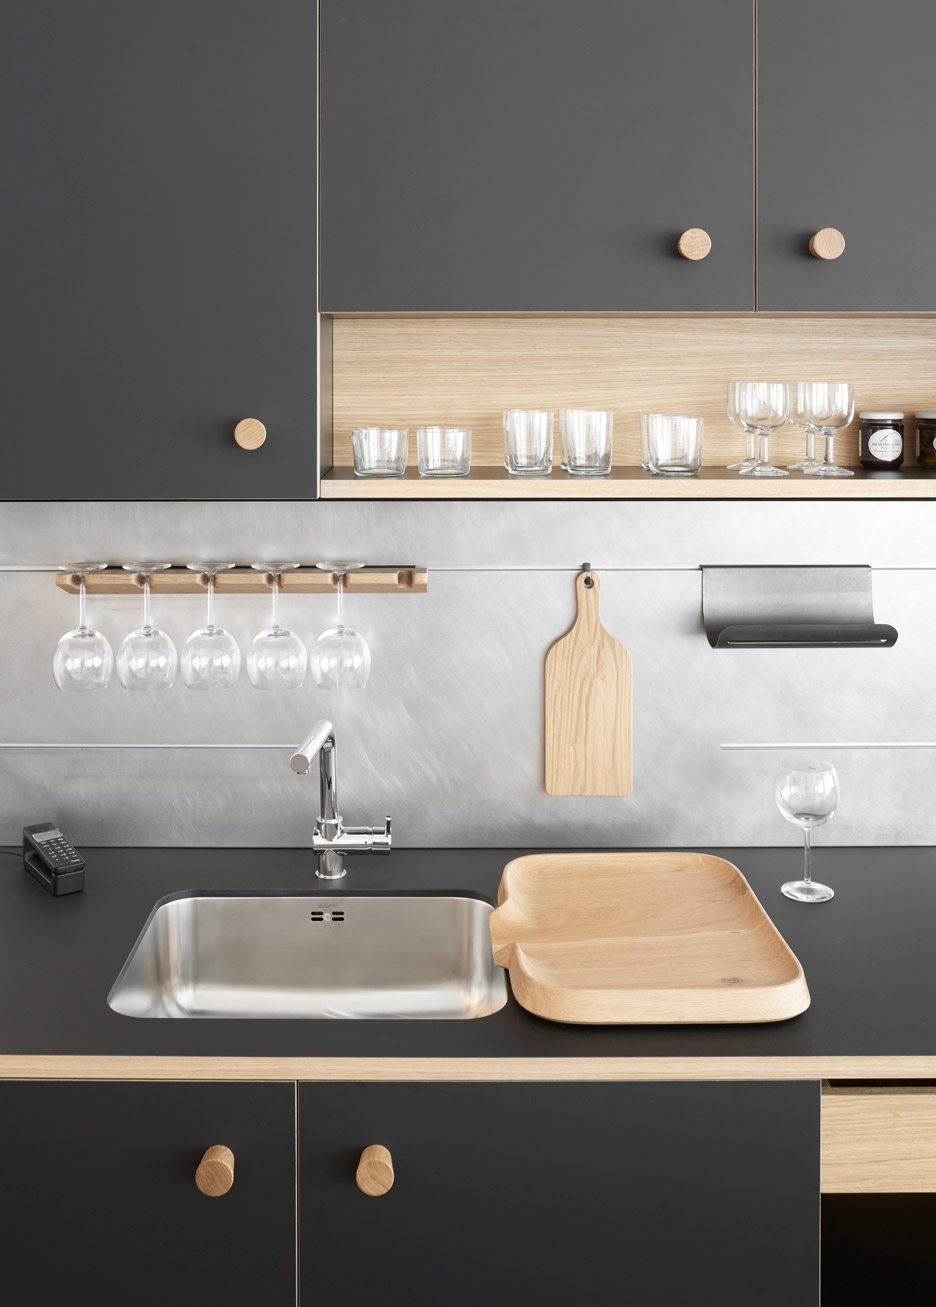 kitchen interior design with price